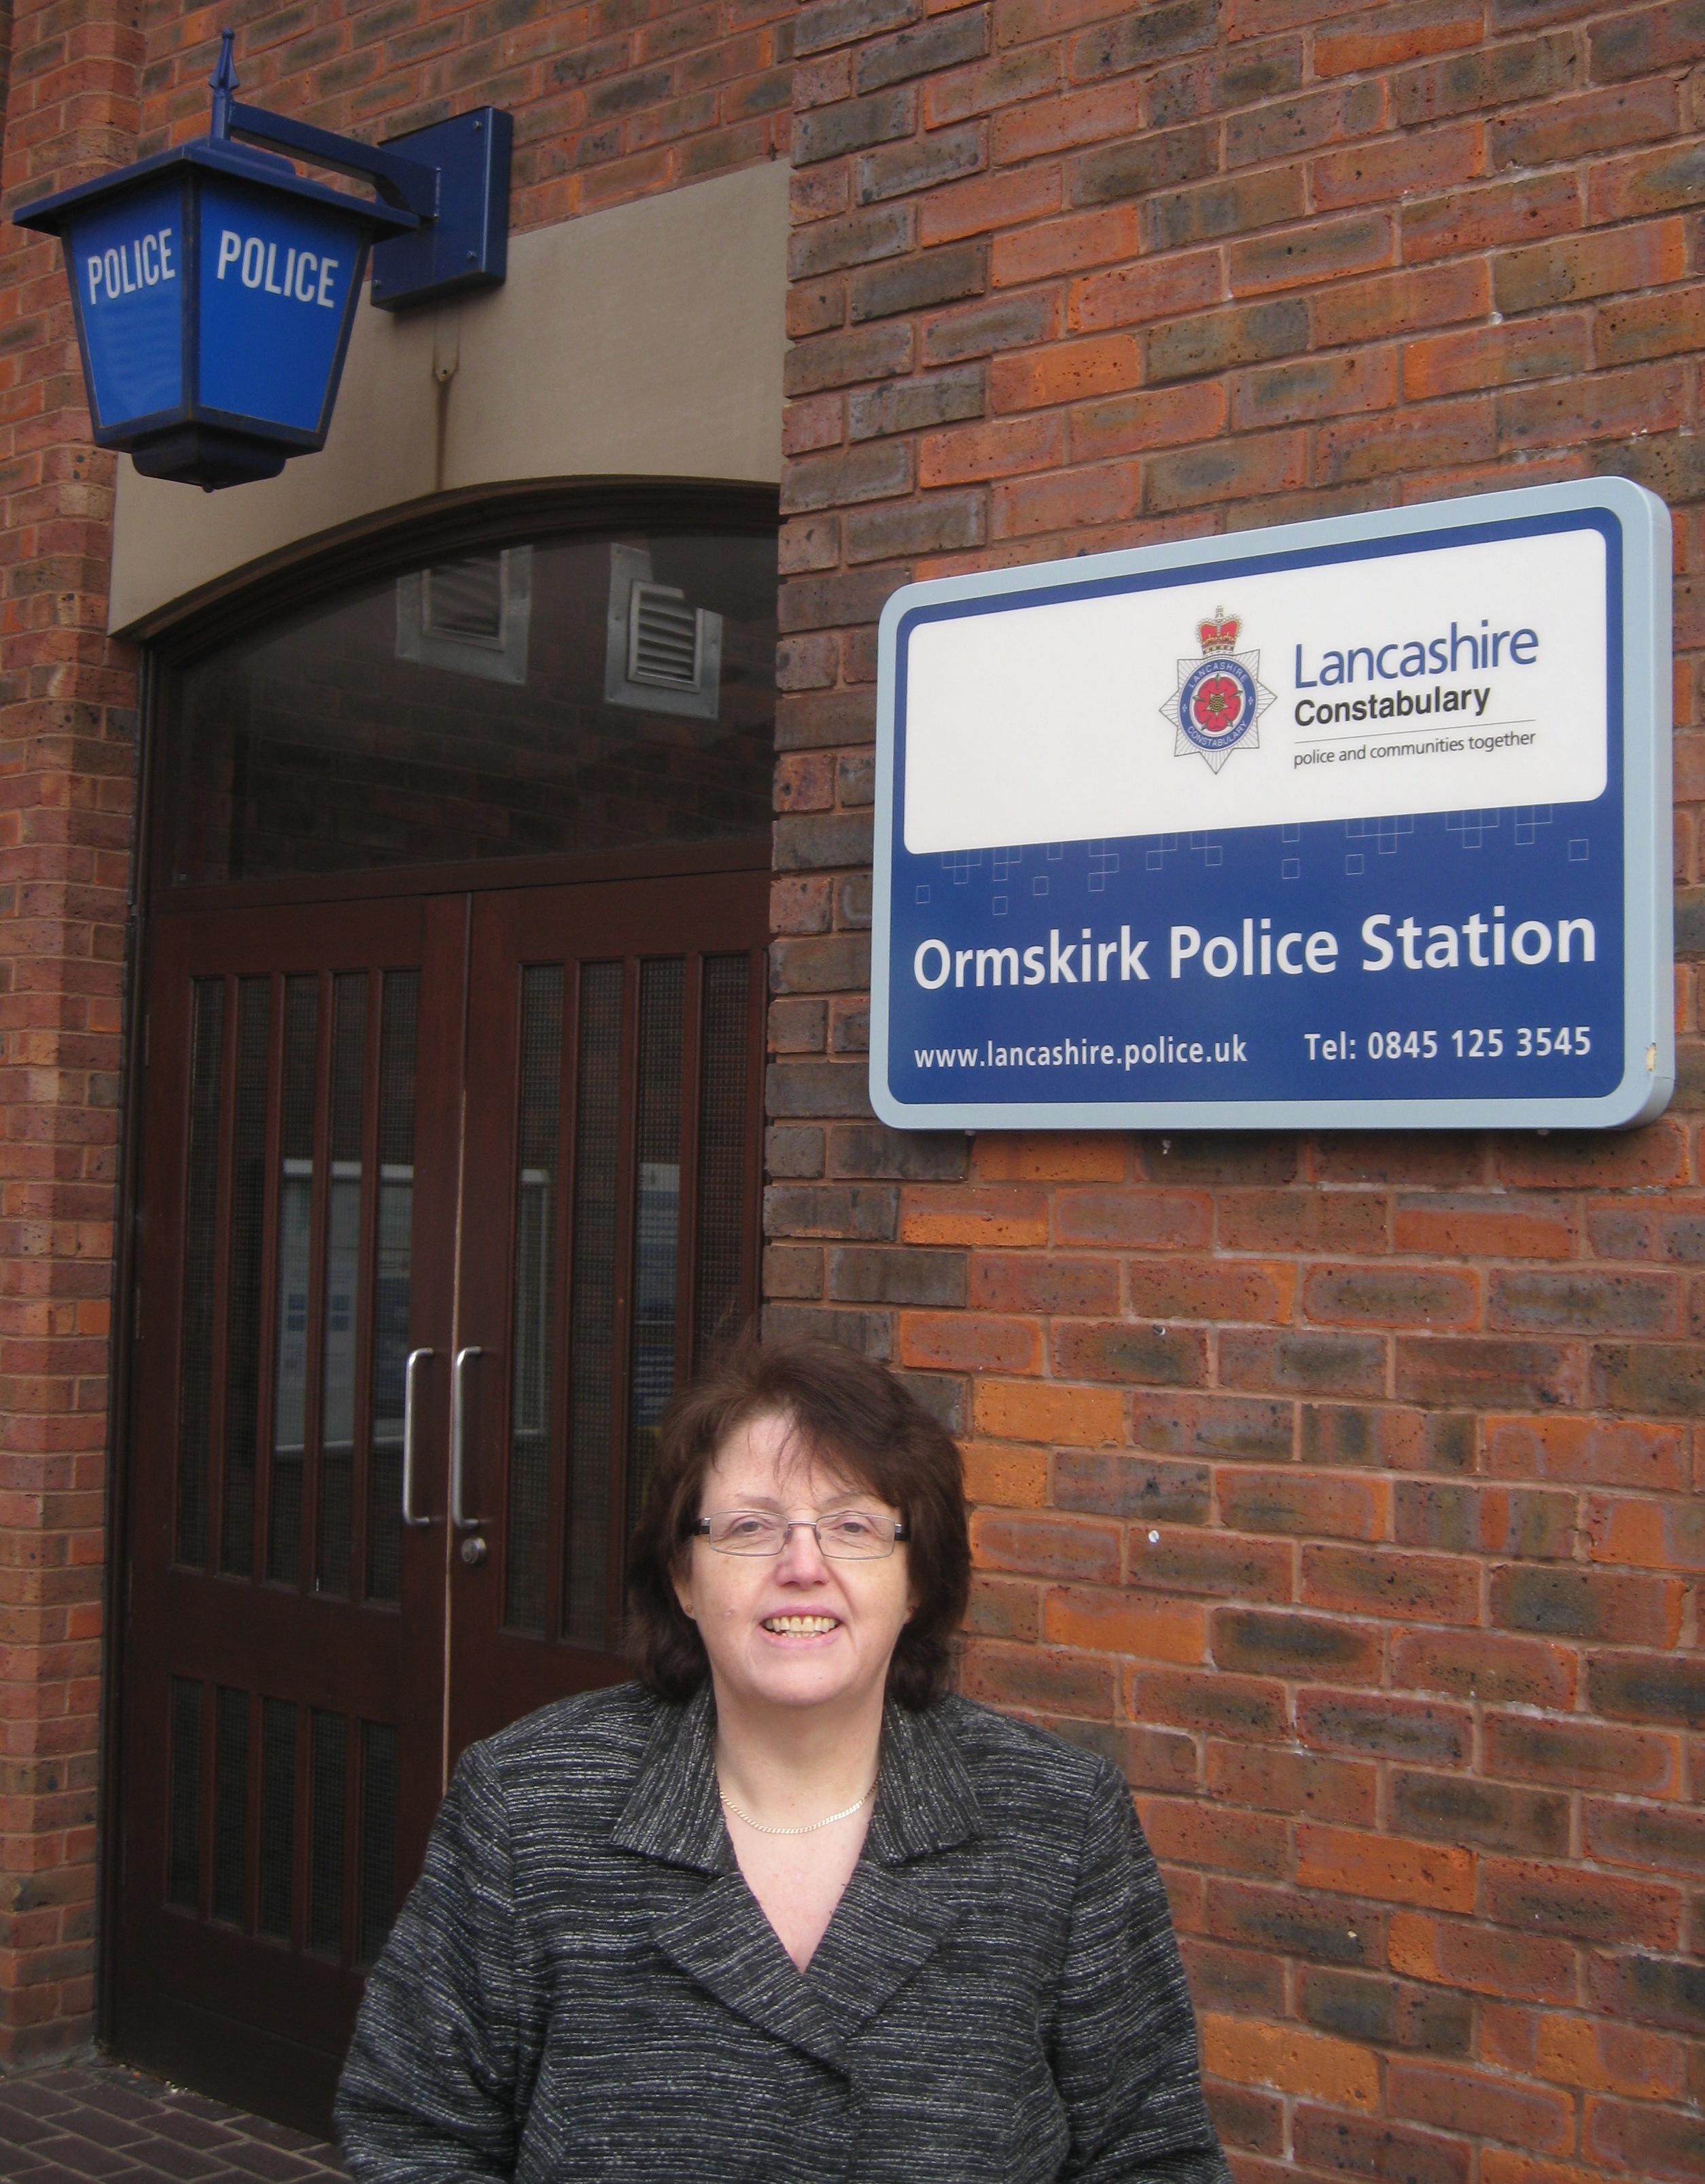 Rosie_Ormskirk_Police.jpg